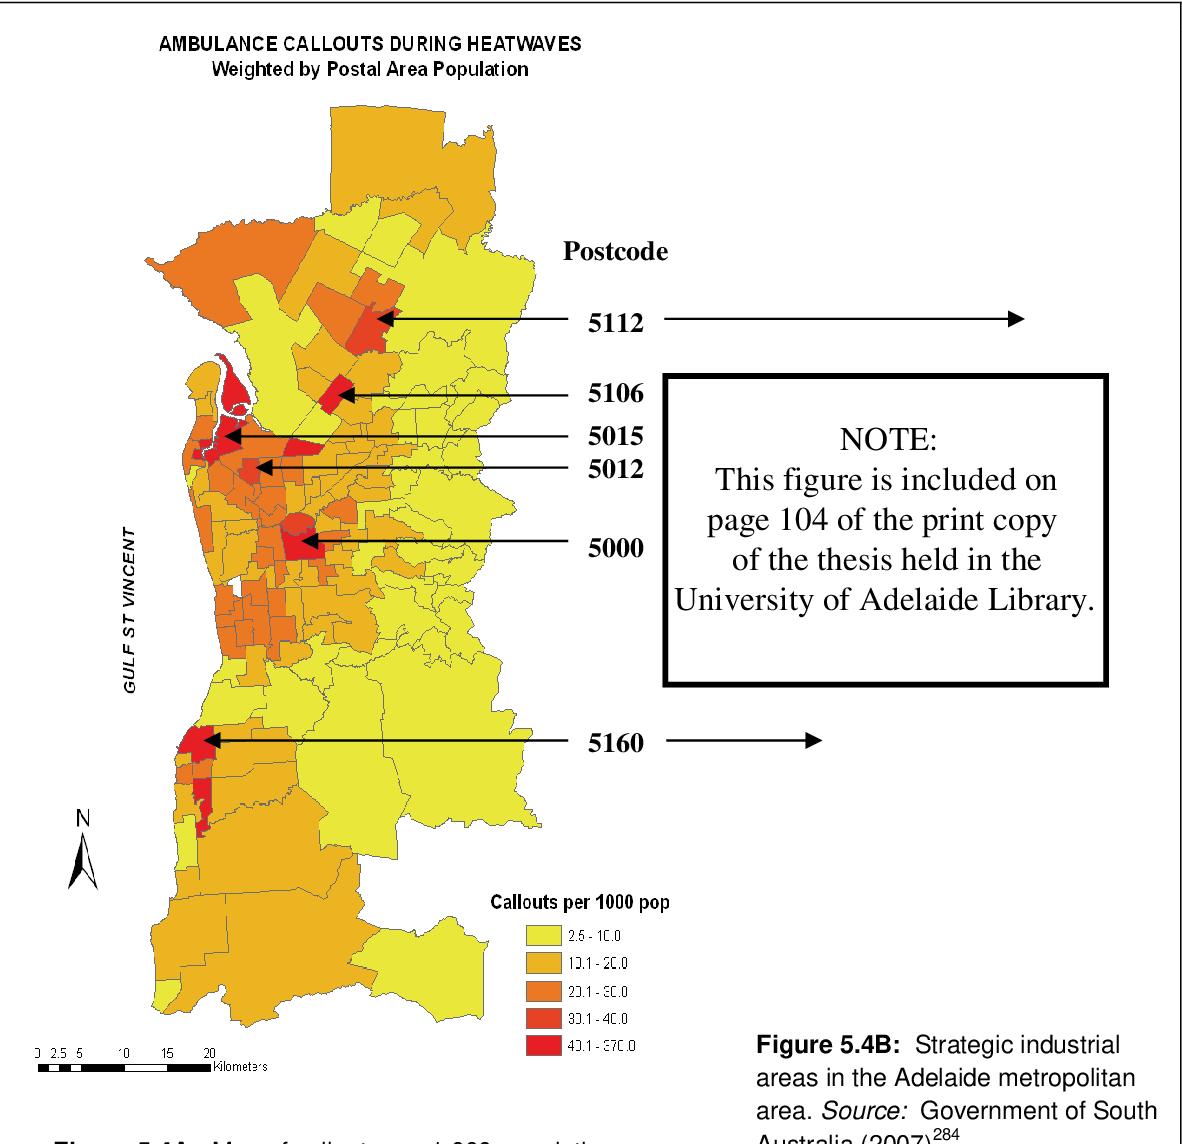 Risk assessment for environmental health in Adelaide based